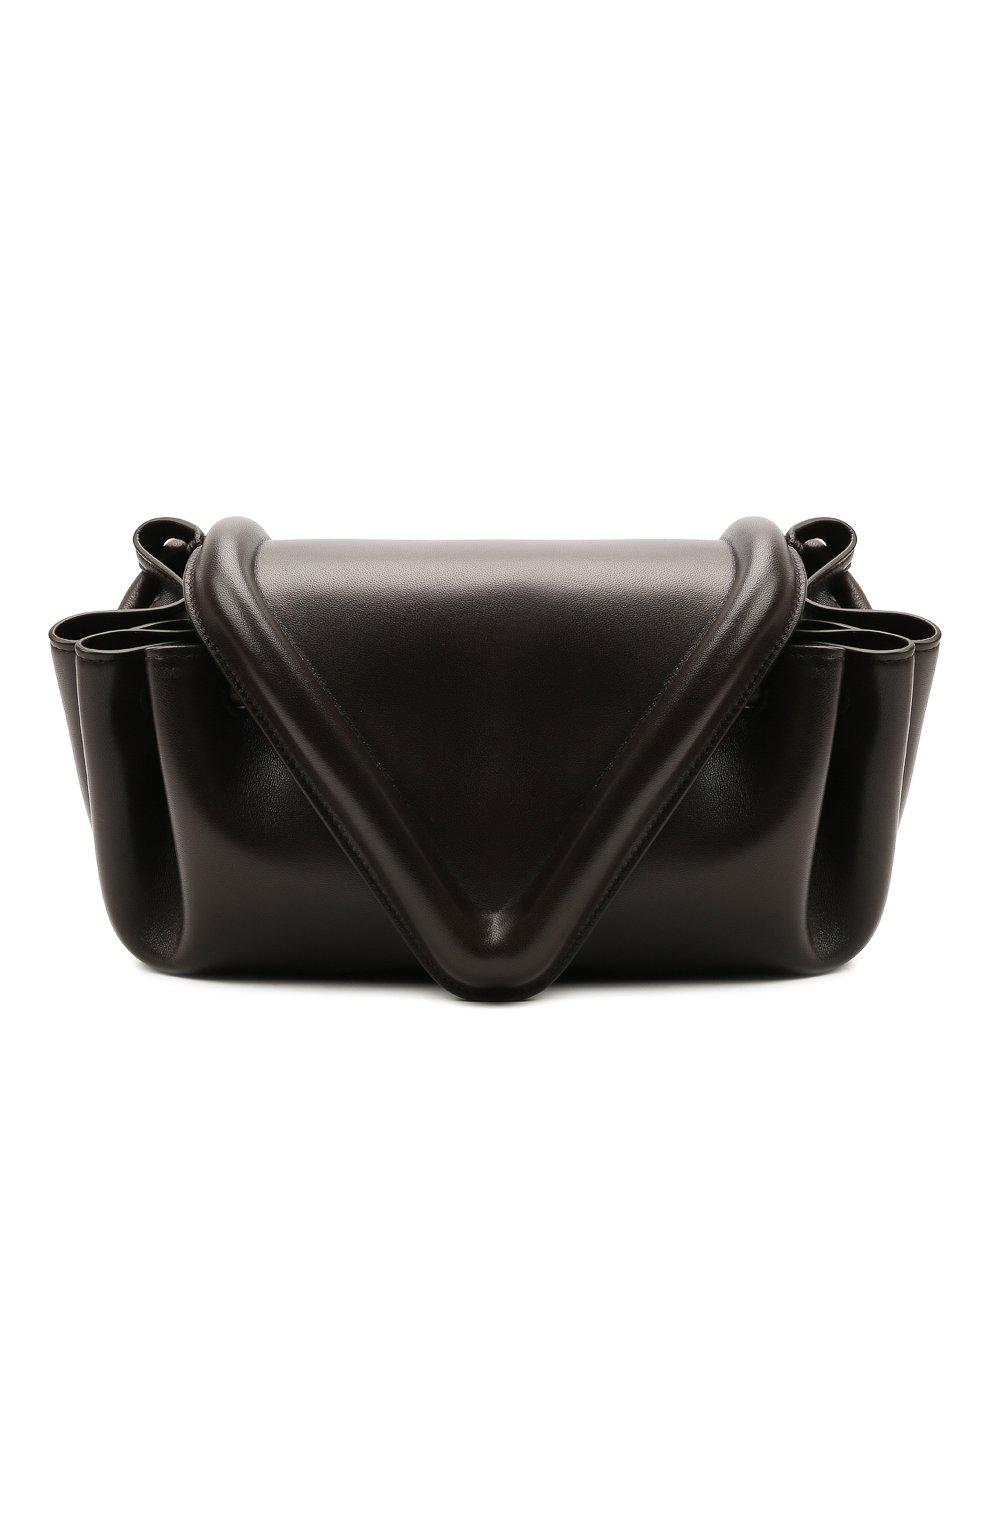 Женская сумка beak medium BOTTEGA VENETA темно-коричневого цвета, арт. 658523/VCP30   Фото 1 (Сумки-технические: Сумки через плечо; Размер: medium; Материал: Натуральная кожа)